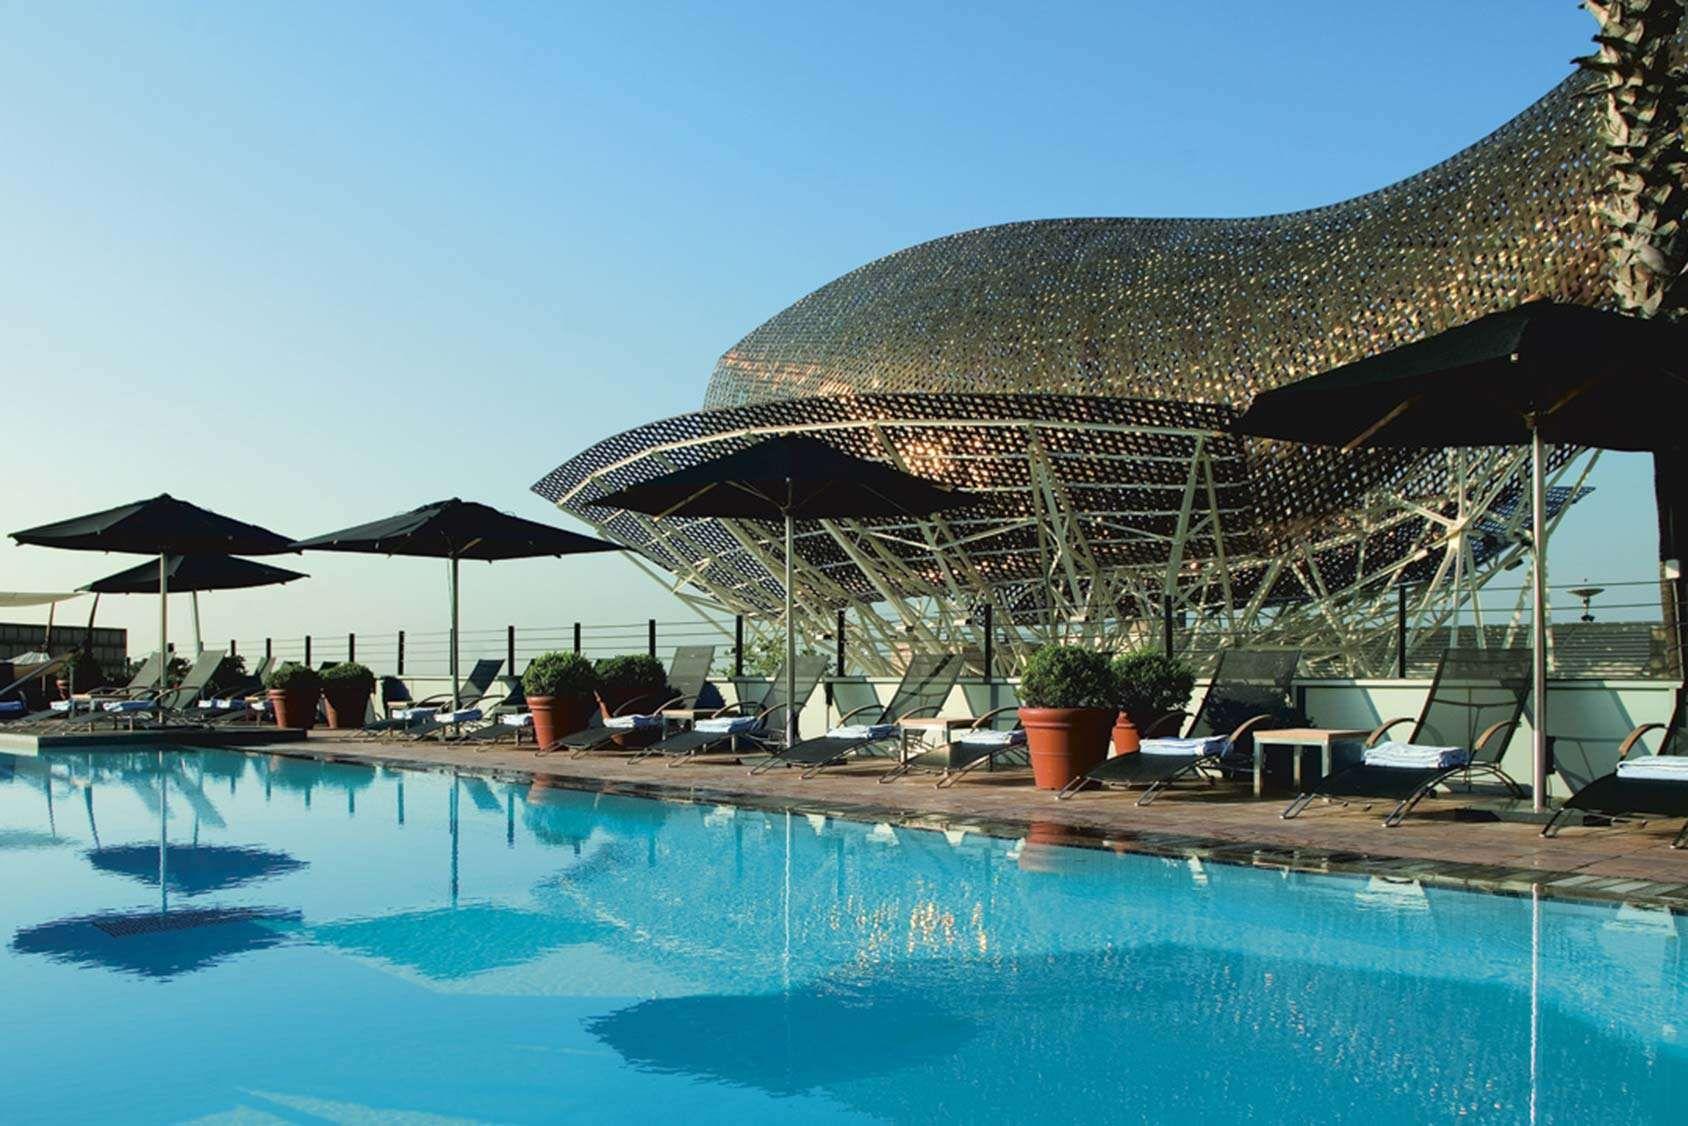 Varldens 15 Coolaste Takhang Hotel Arts Barcelona Hotel Art Hotels And Resorts